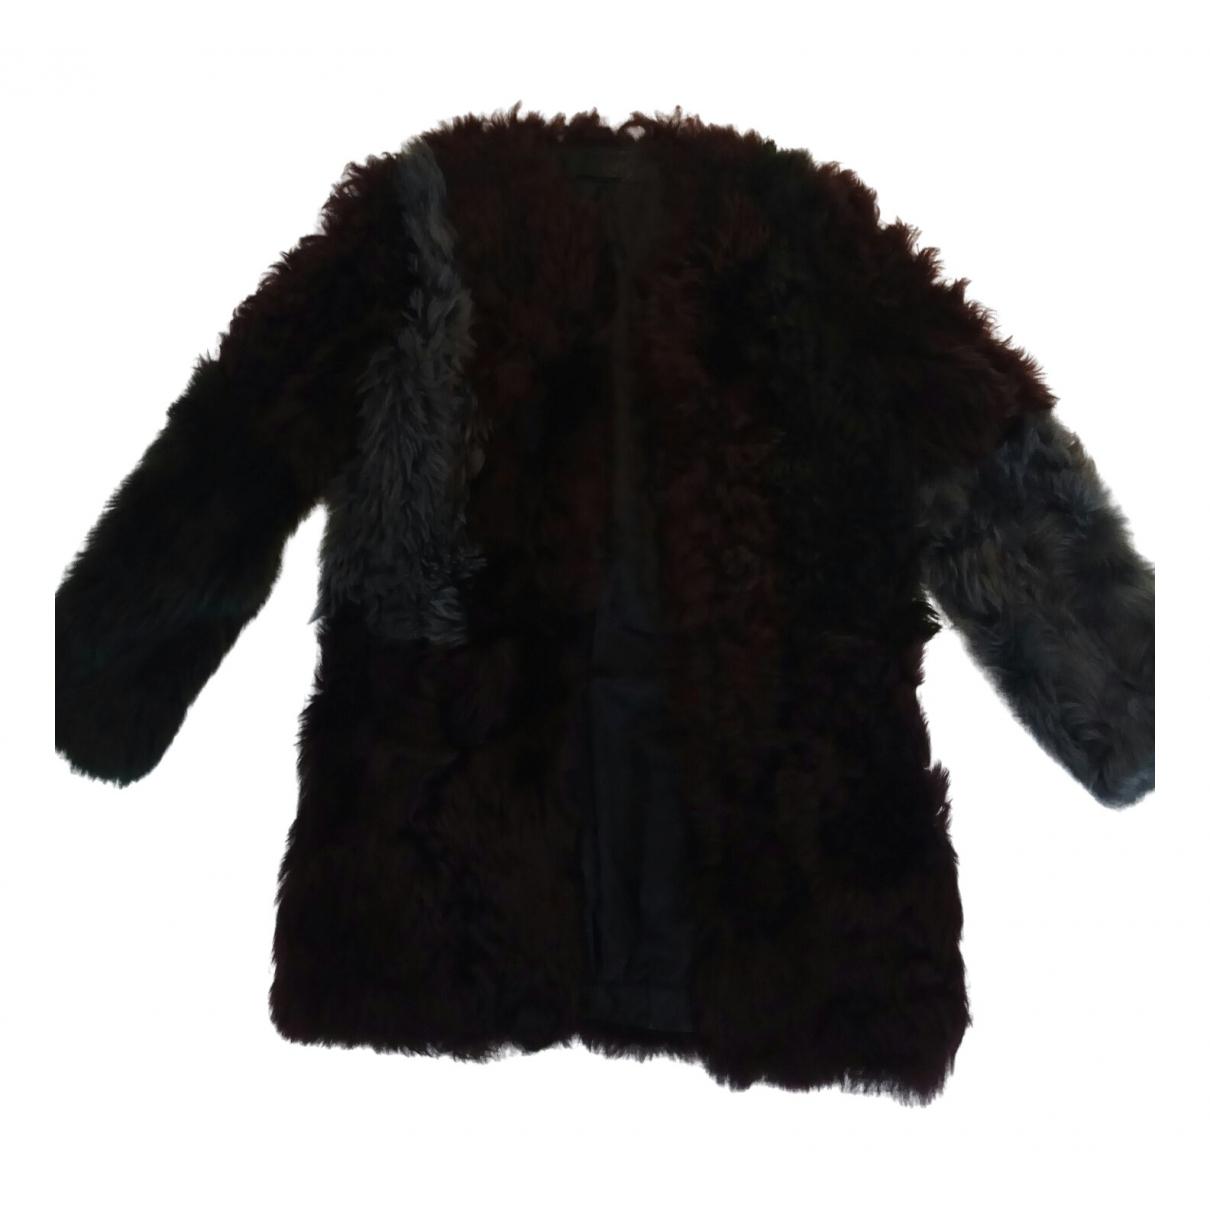 Karl Lagerfeld - Manteau   pour femme en fourrure synthetique - bordeaux